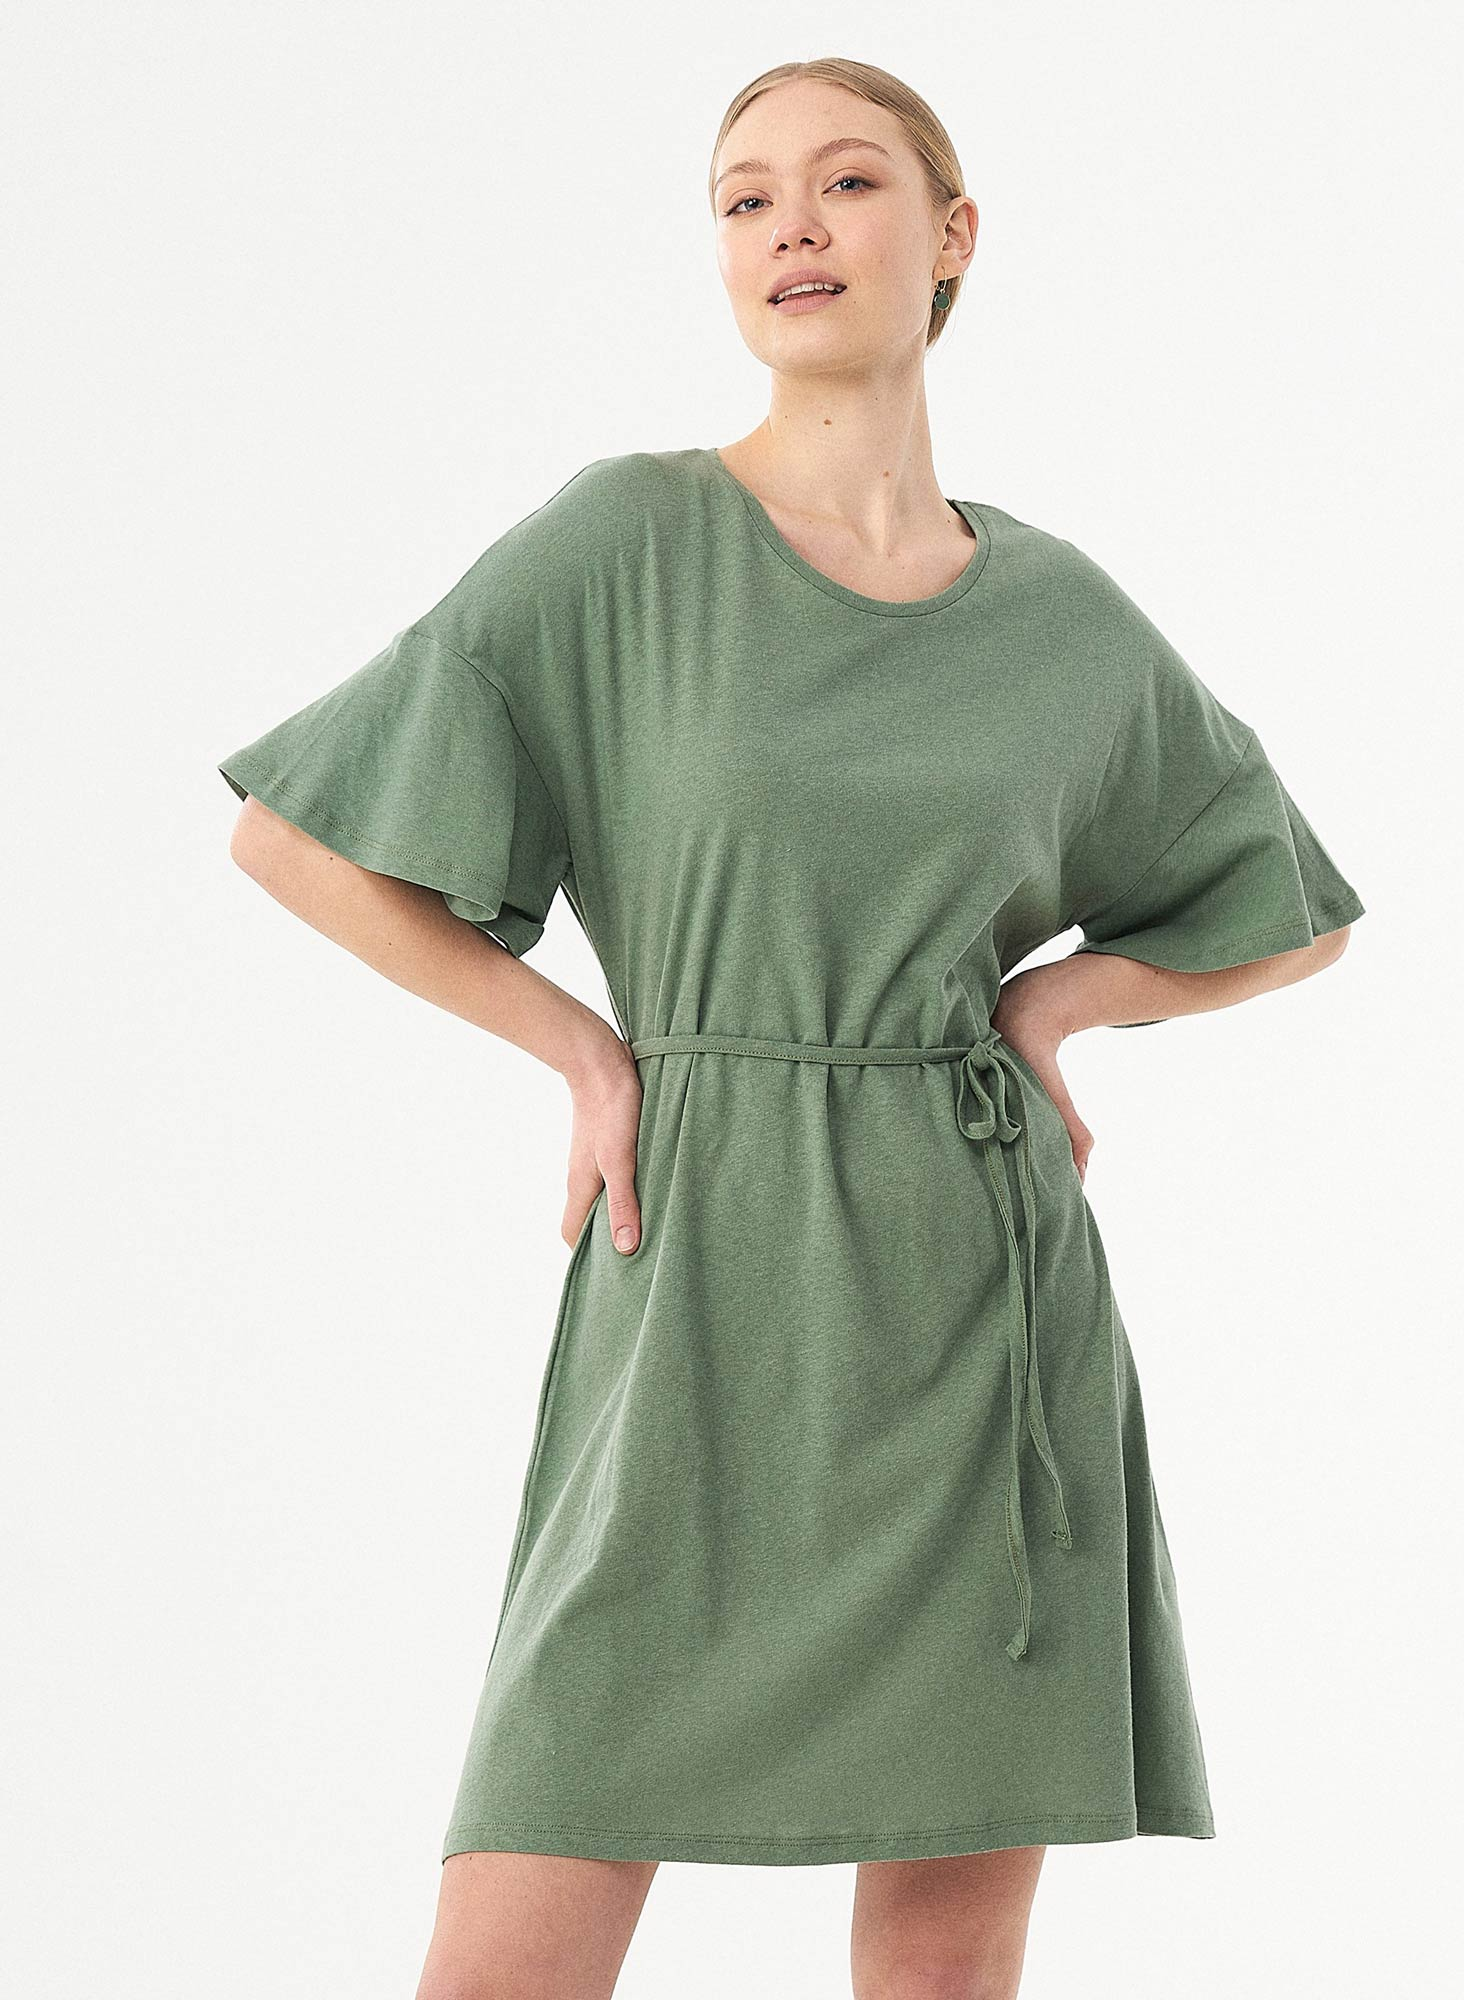 wor11669-Fern-Green-nachhaltiges-Kleid-Bio-Baumwolle-Leinen-schmaler-Guertel-weite-Aermel-Rundhalsausschnitt-fair-trade-online-shop